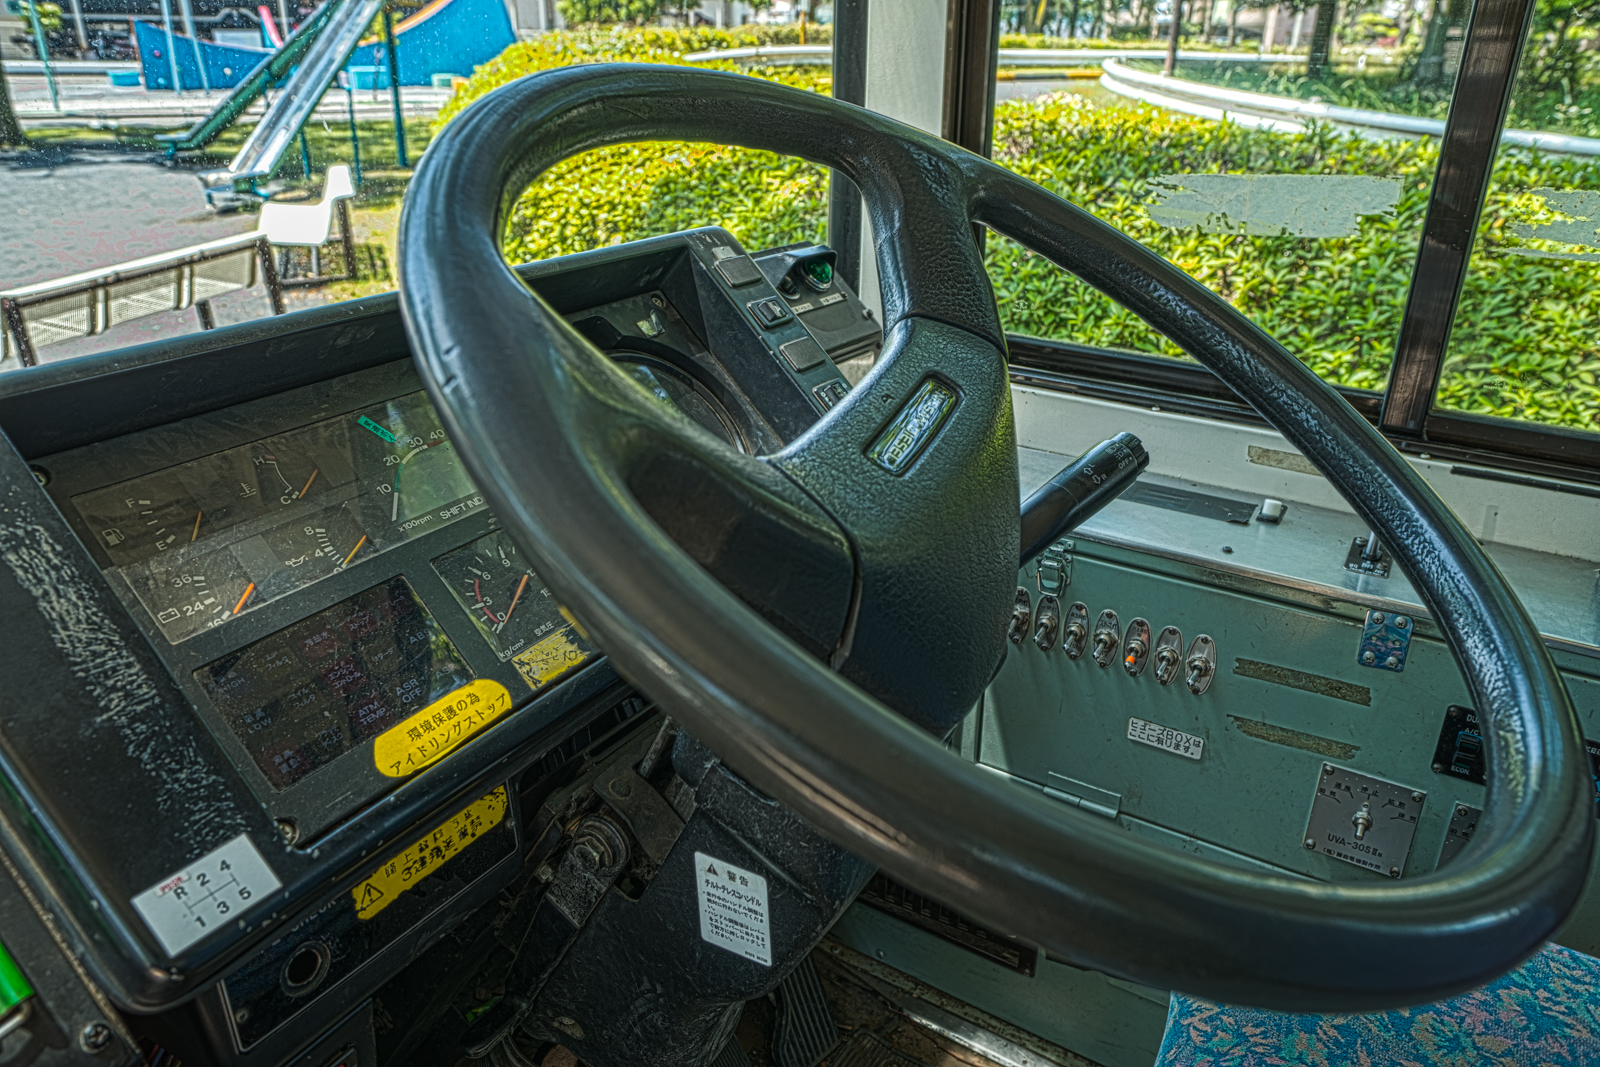 府中市交通遊園の京王バス 日産ディーゼル KC-JP250NTNの運転席の写真 HDR